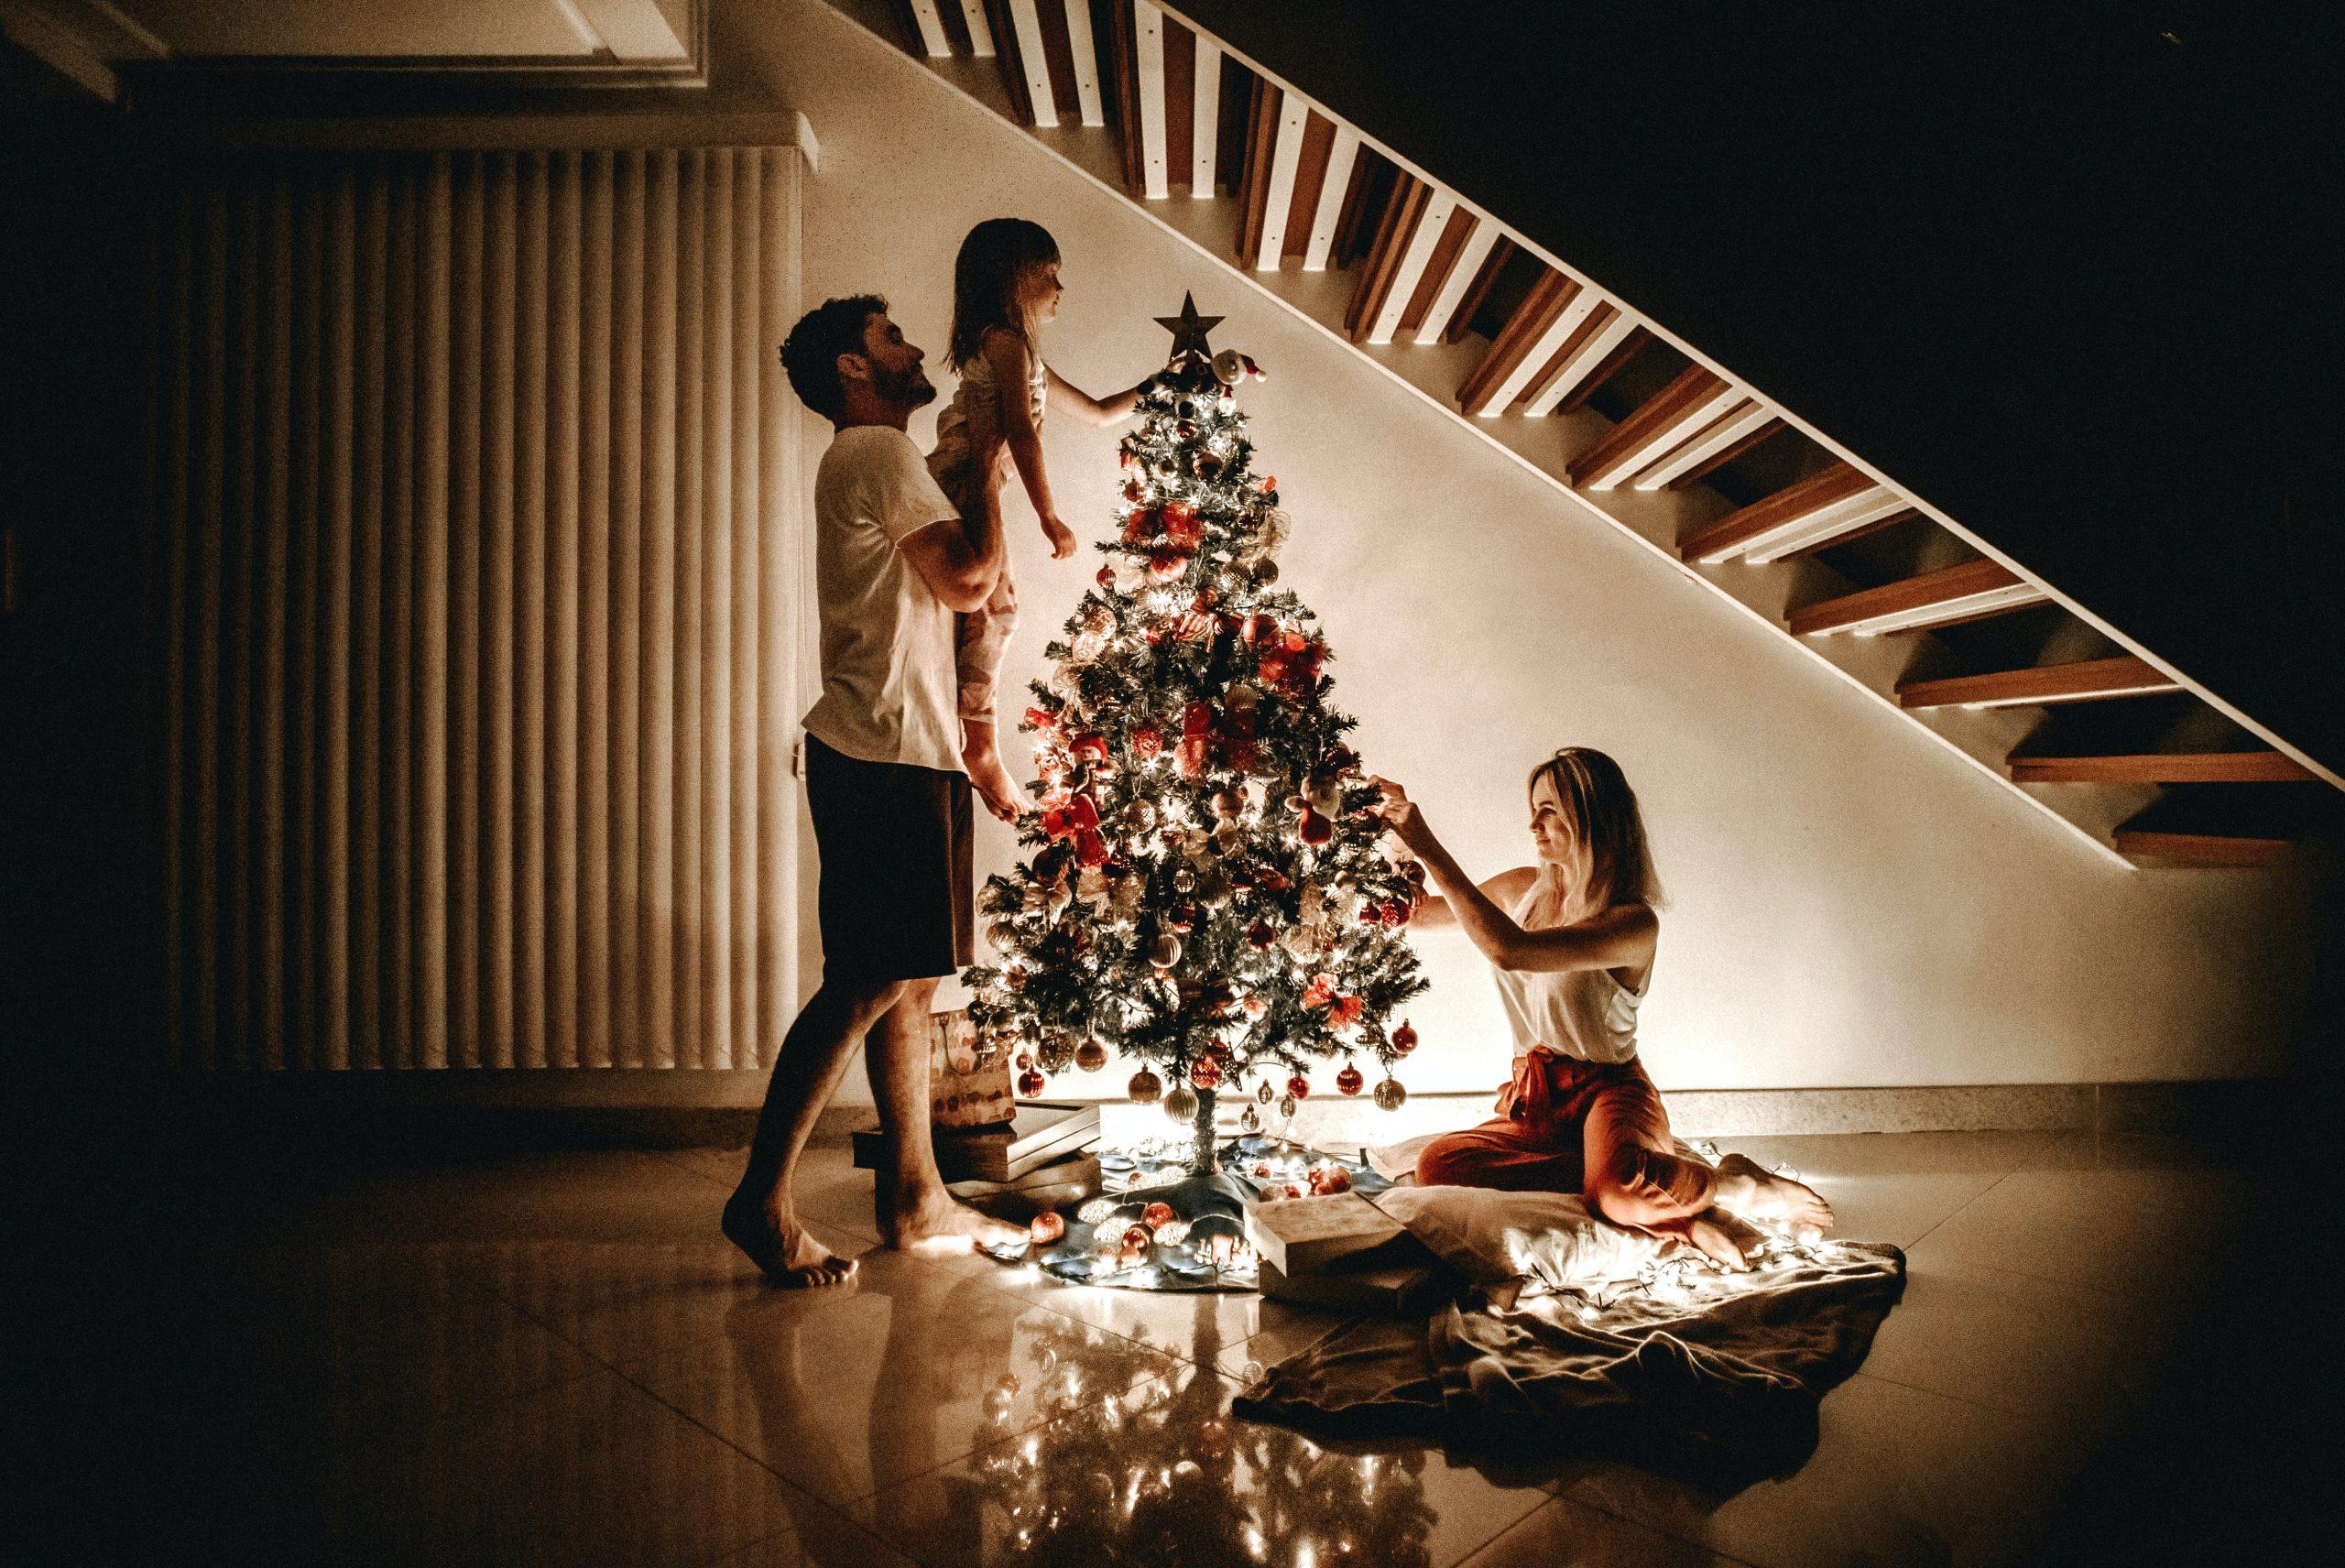 Navidad: lo que importa son las relaciones humanas